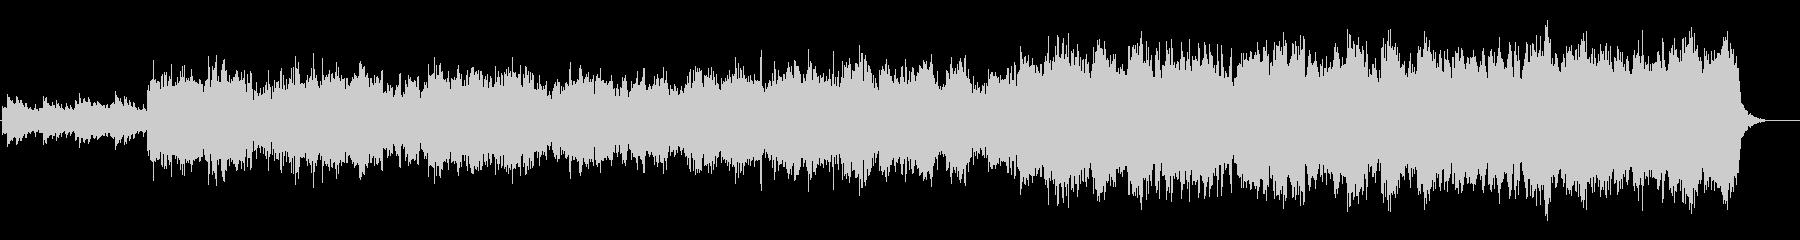 喜多郎風の夕焼けのセンチメンタルな曲の未再生の波形